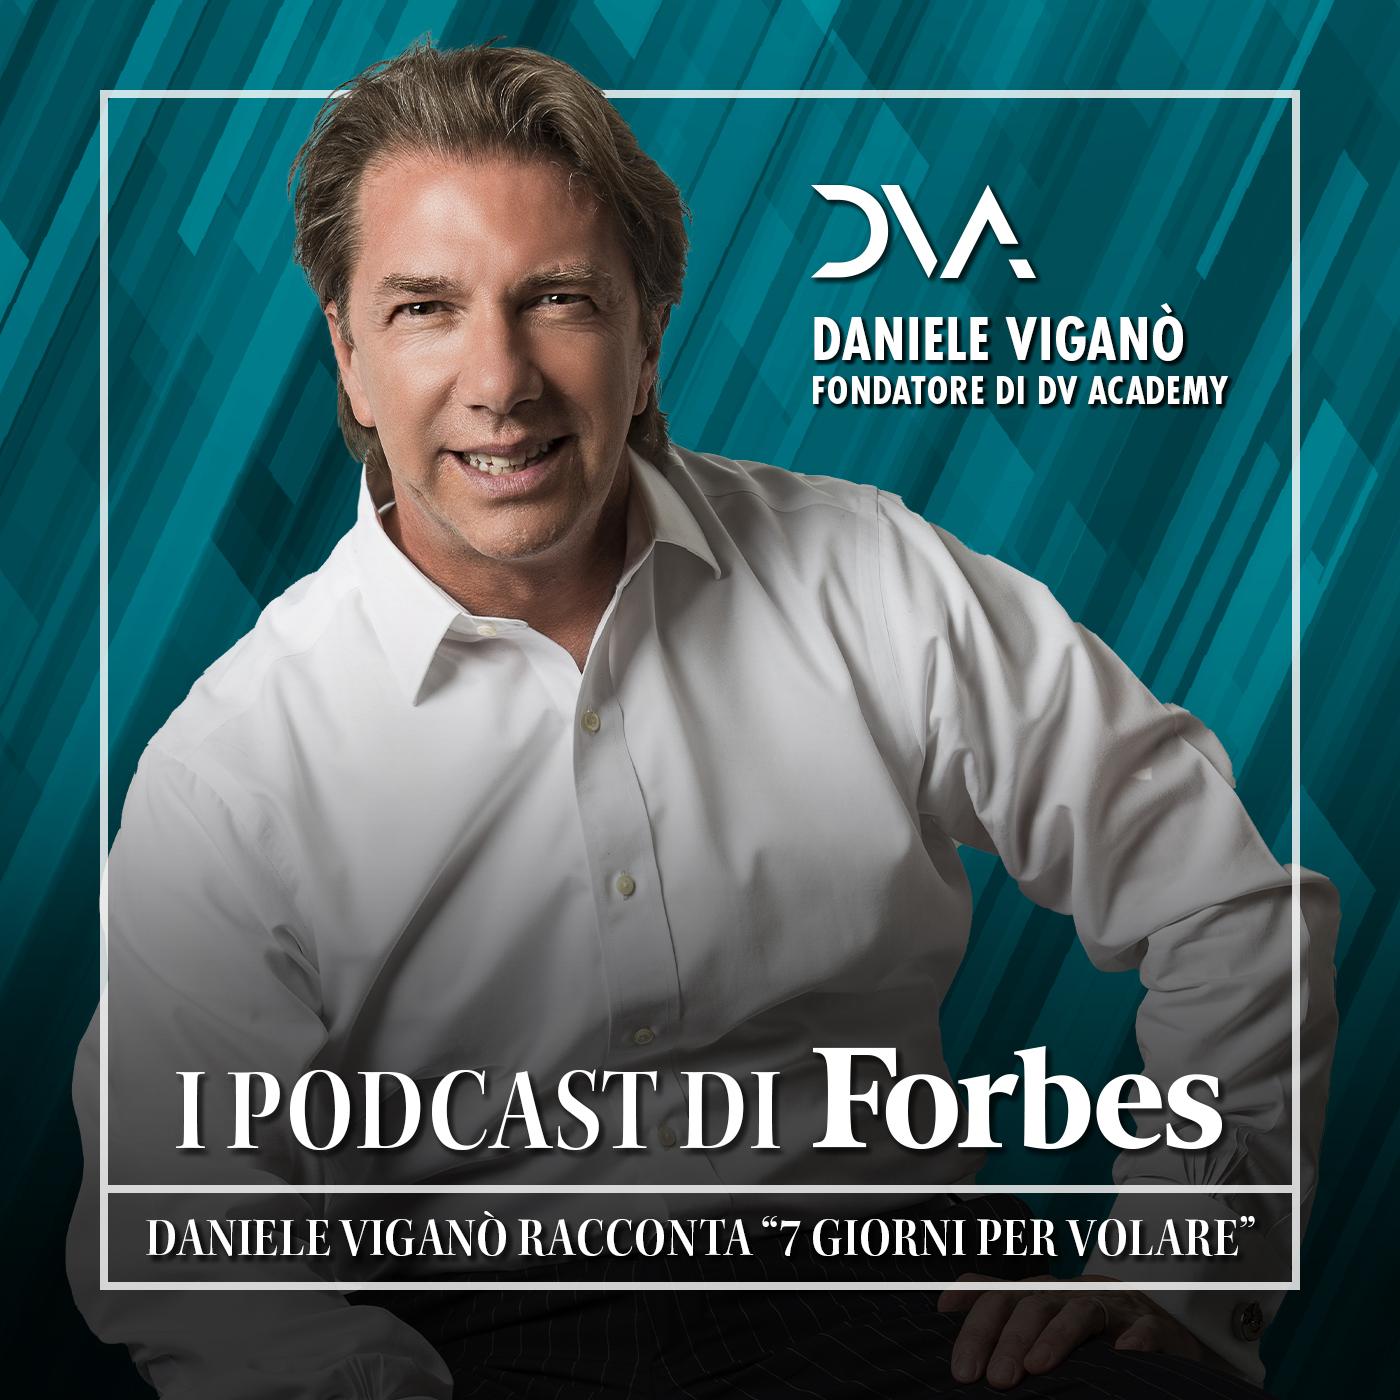 Daniele Viganò